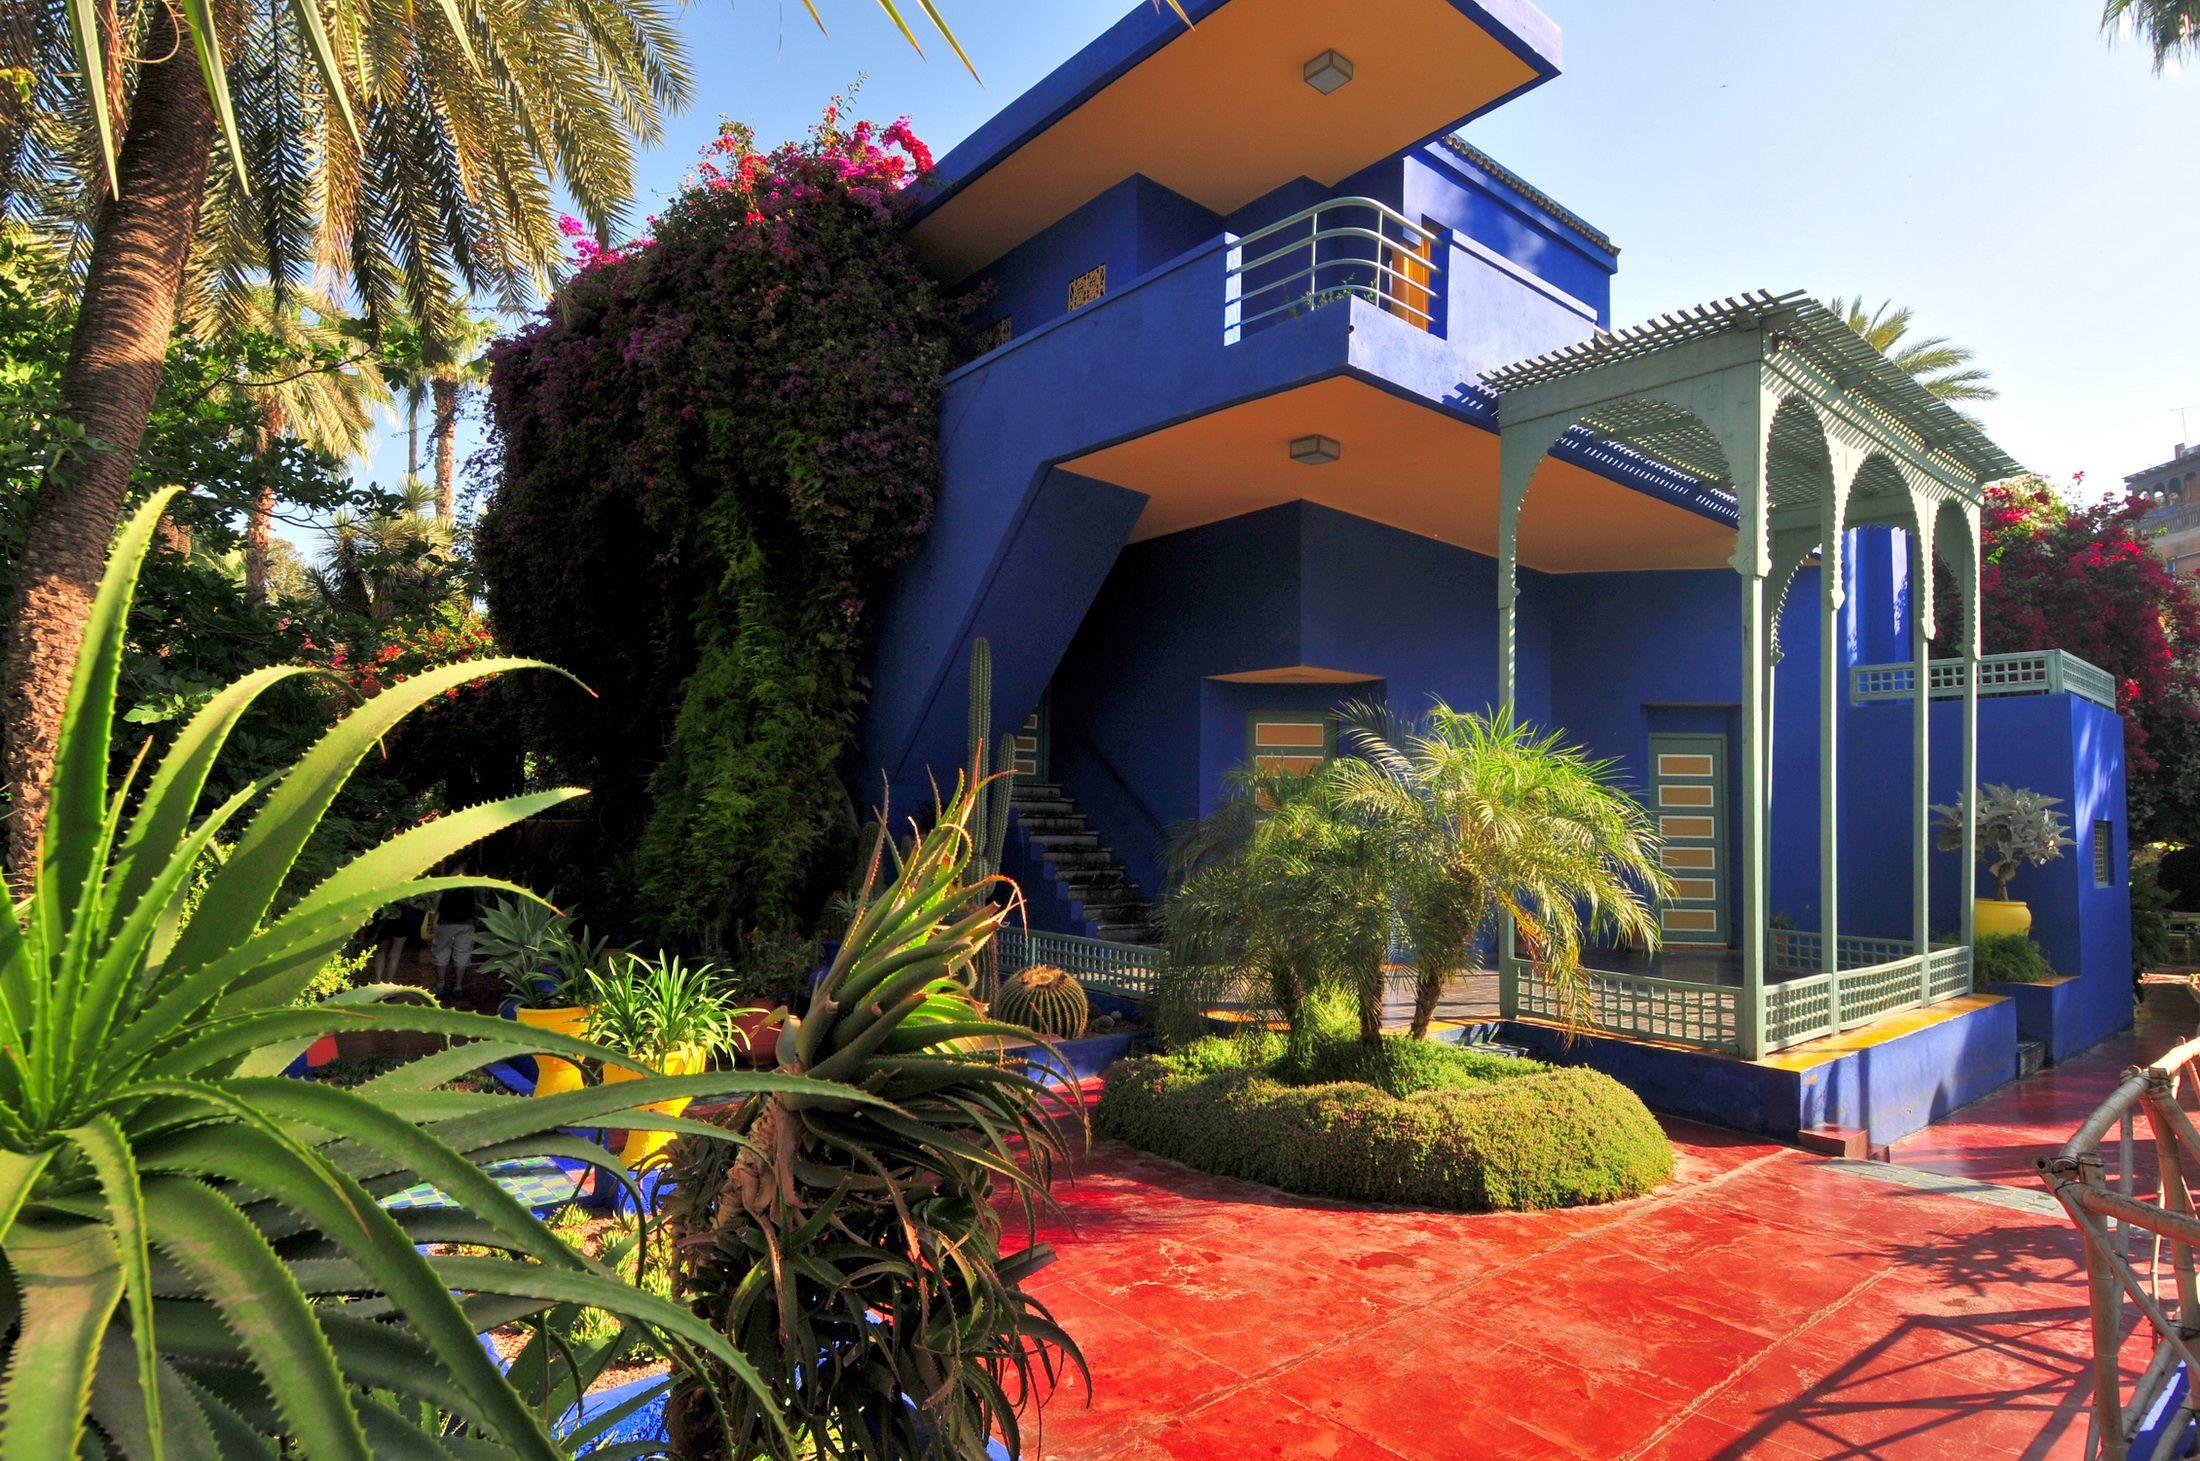 les jardins majorelle meilleurs places visitez au maroc mon jardin pinterest marrakech. Black Bedroom Furniture Sets. Home Design Ideas